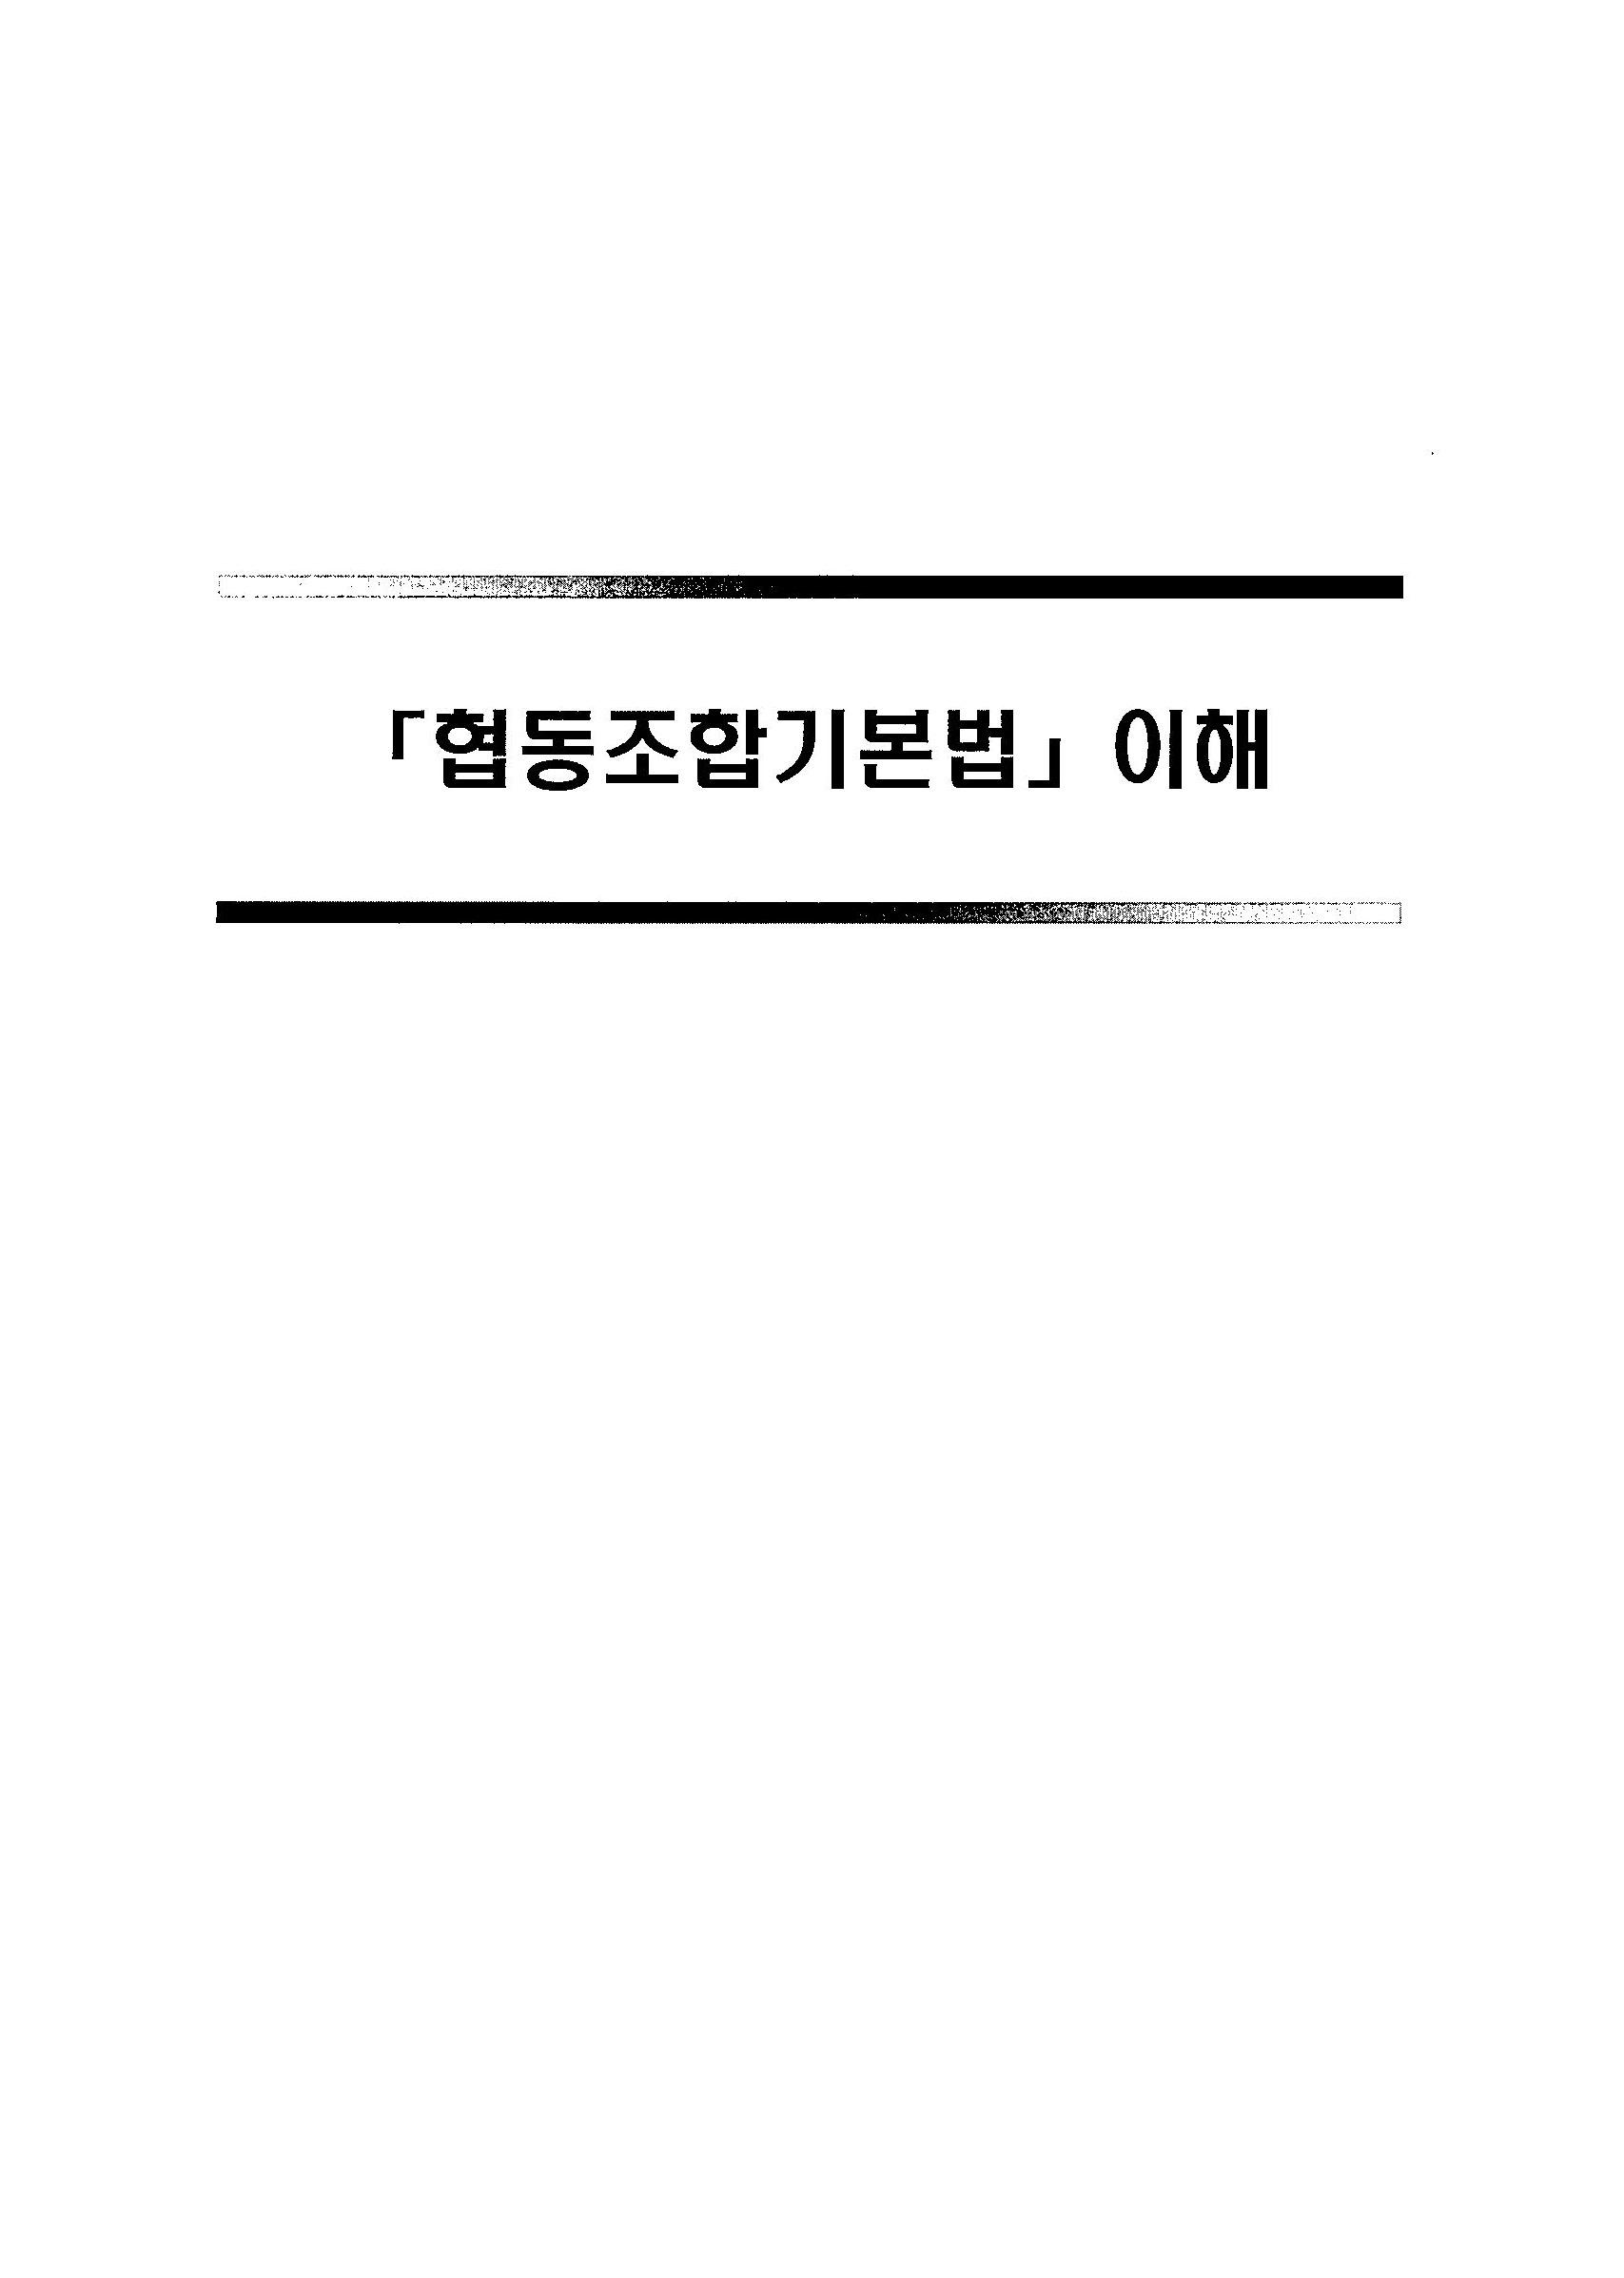 60_(제23회 후속교육 자료집) 『협동조합기본법 해설』_Page_01.jpg